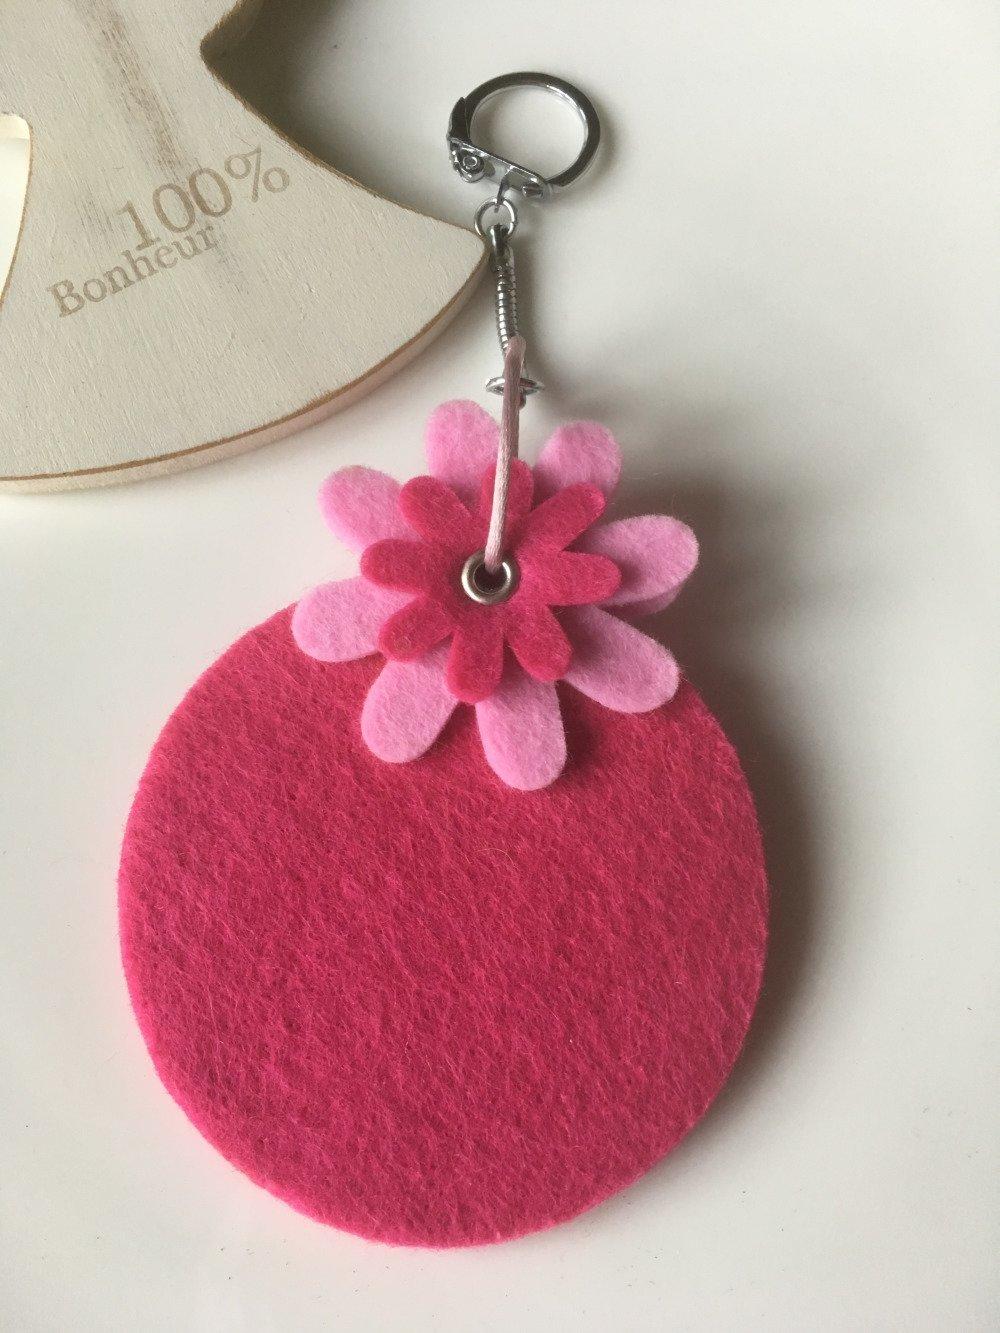 Porte-clefs rond en feutrine fuchsia et ses fleurs roses